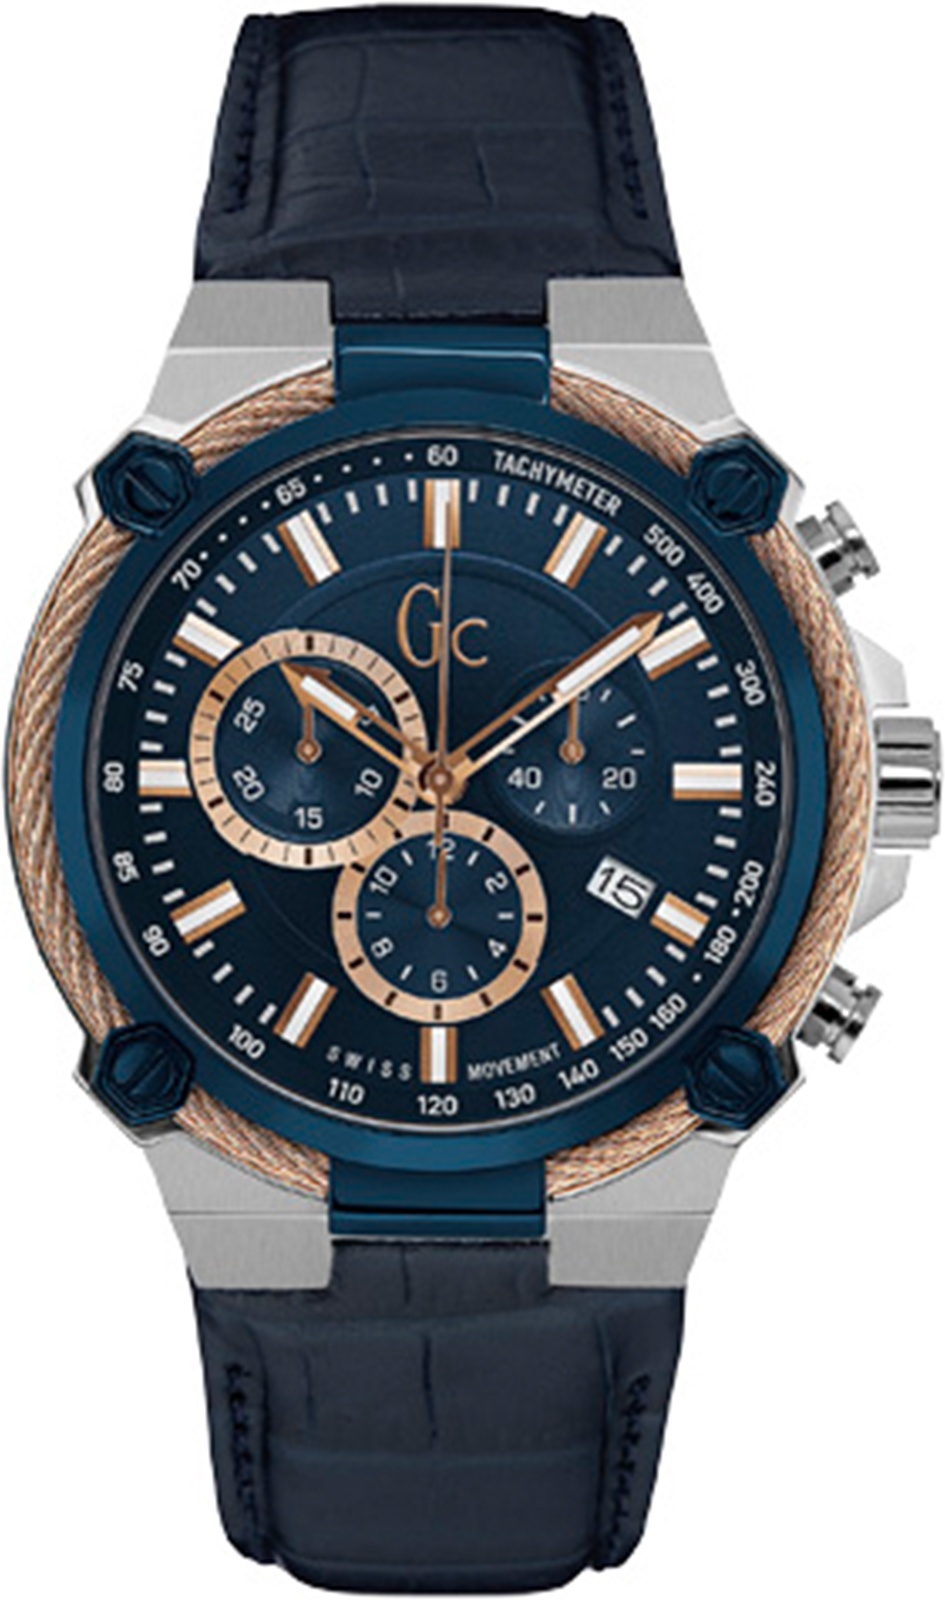 Часы GC CableForce, синий, темно-синий clothing loves синий синий